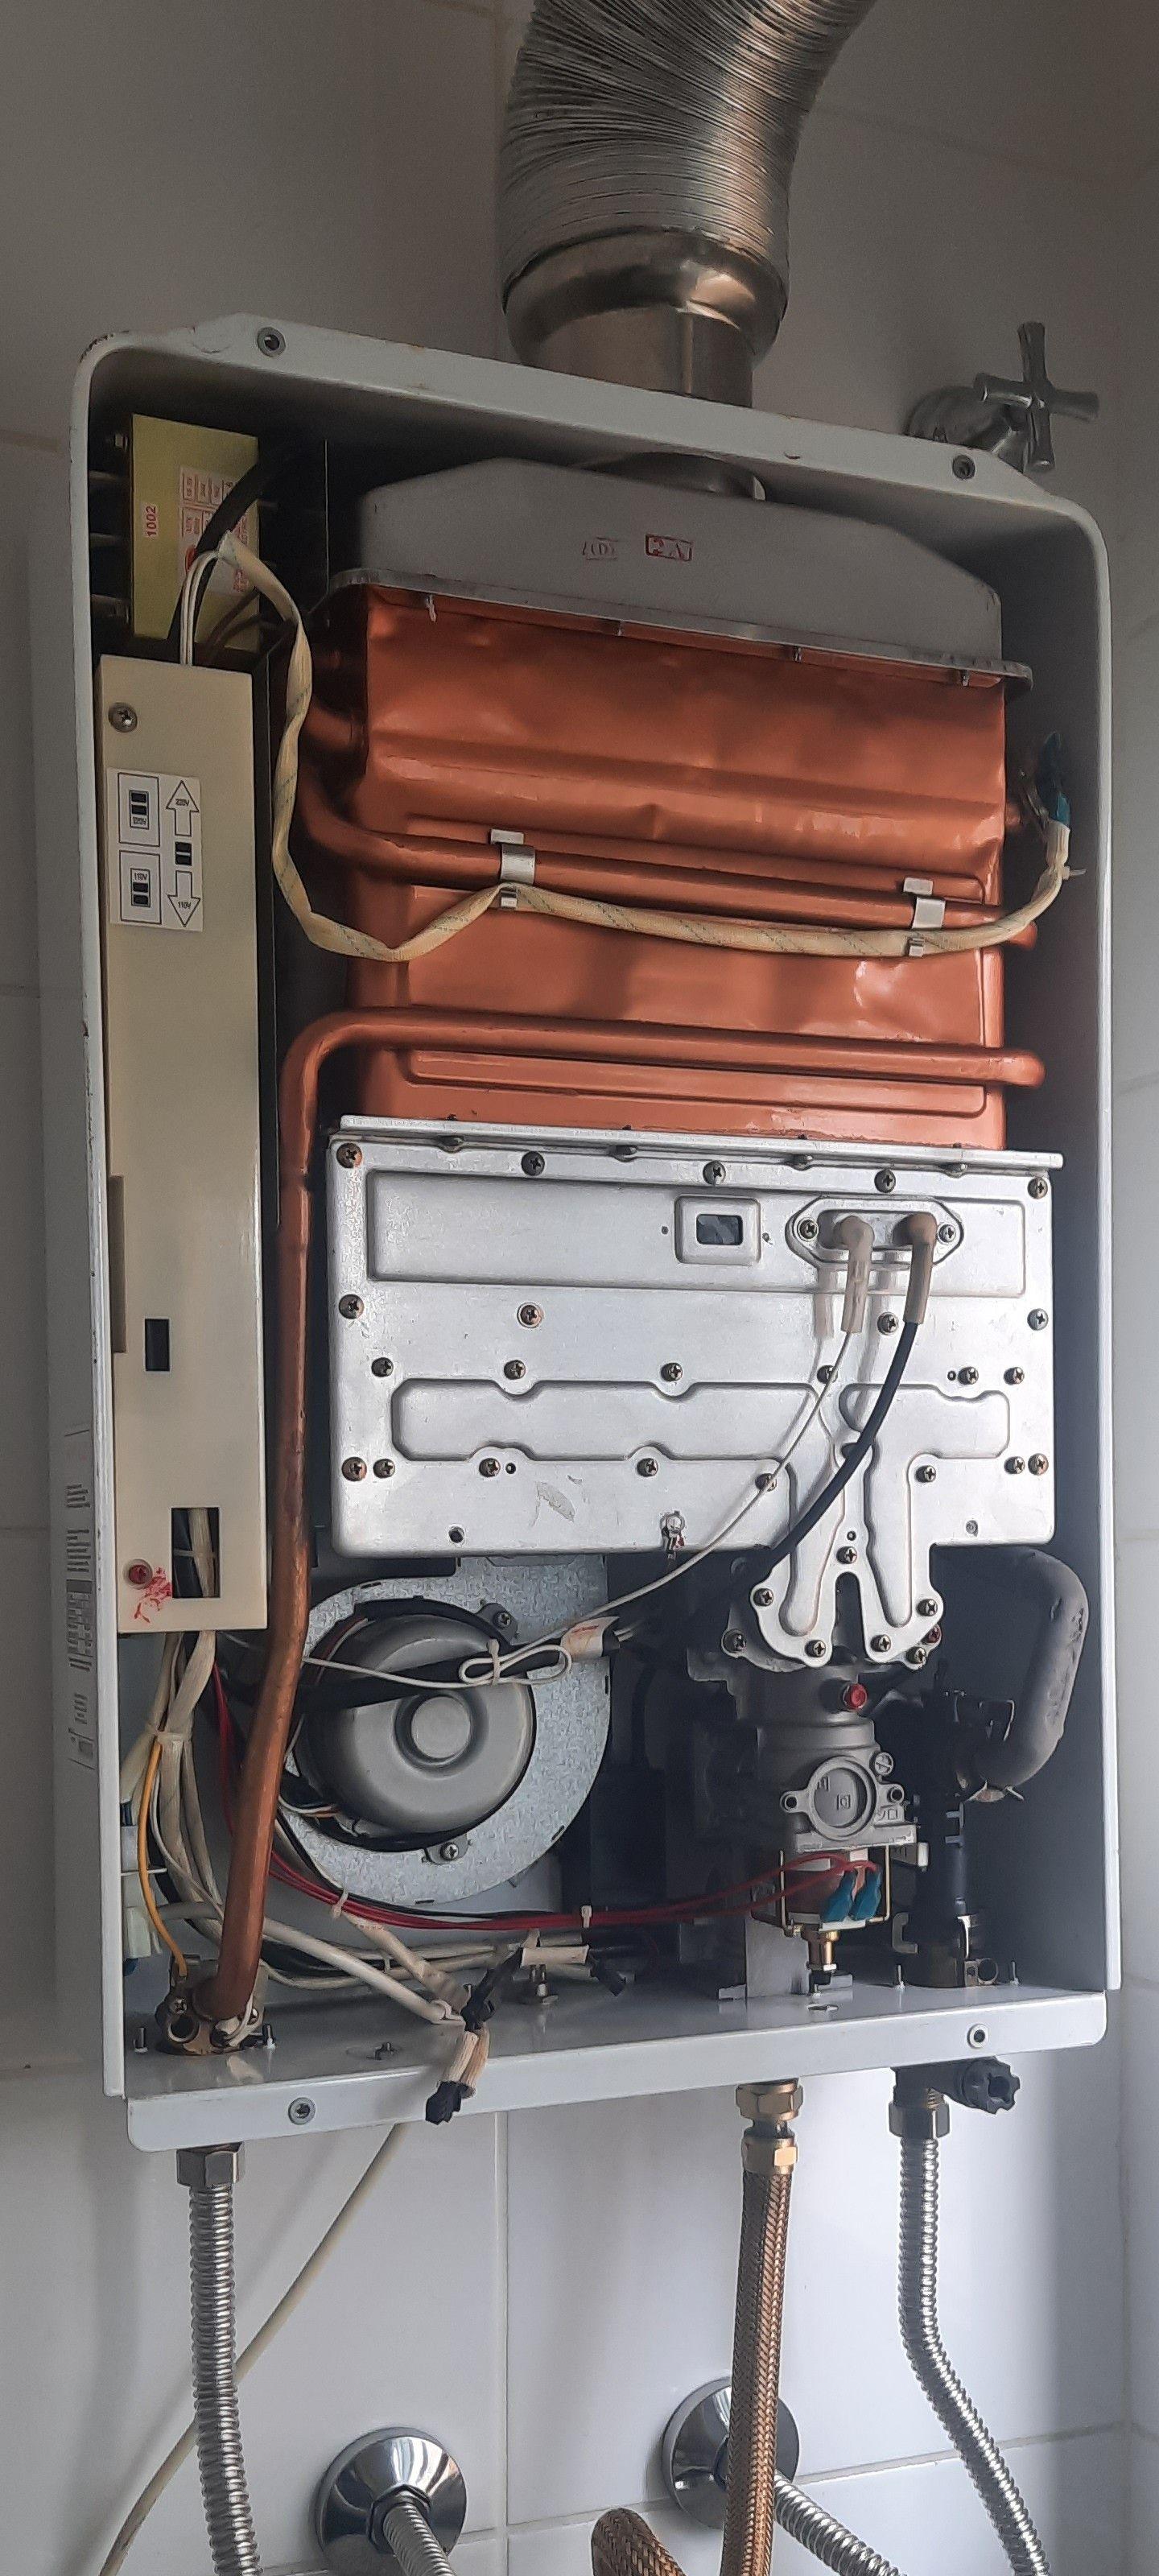 Manutenção preventiva aquecedor komeco!!!